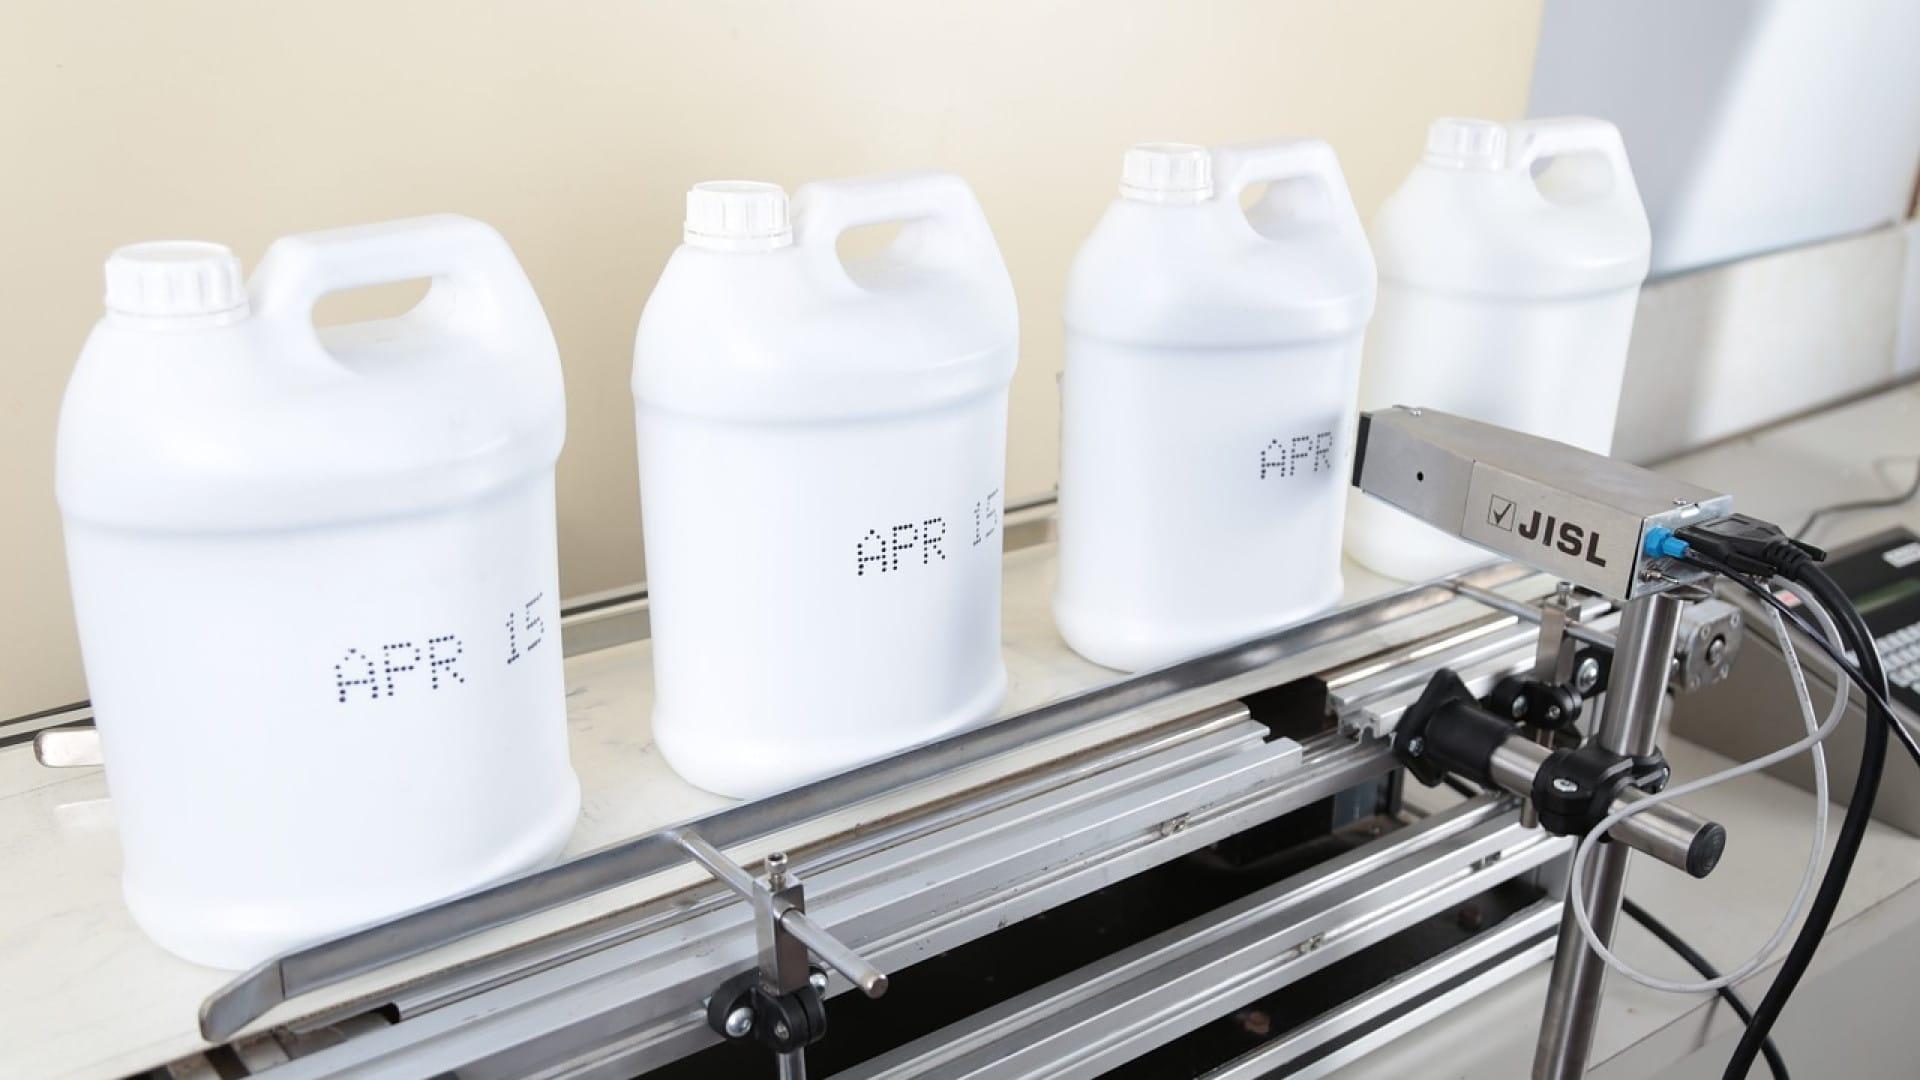 Choisissez des emballages adaptés à vos produits